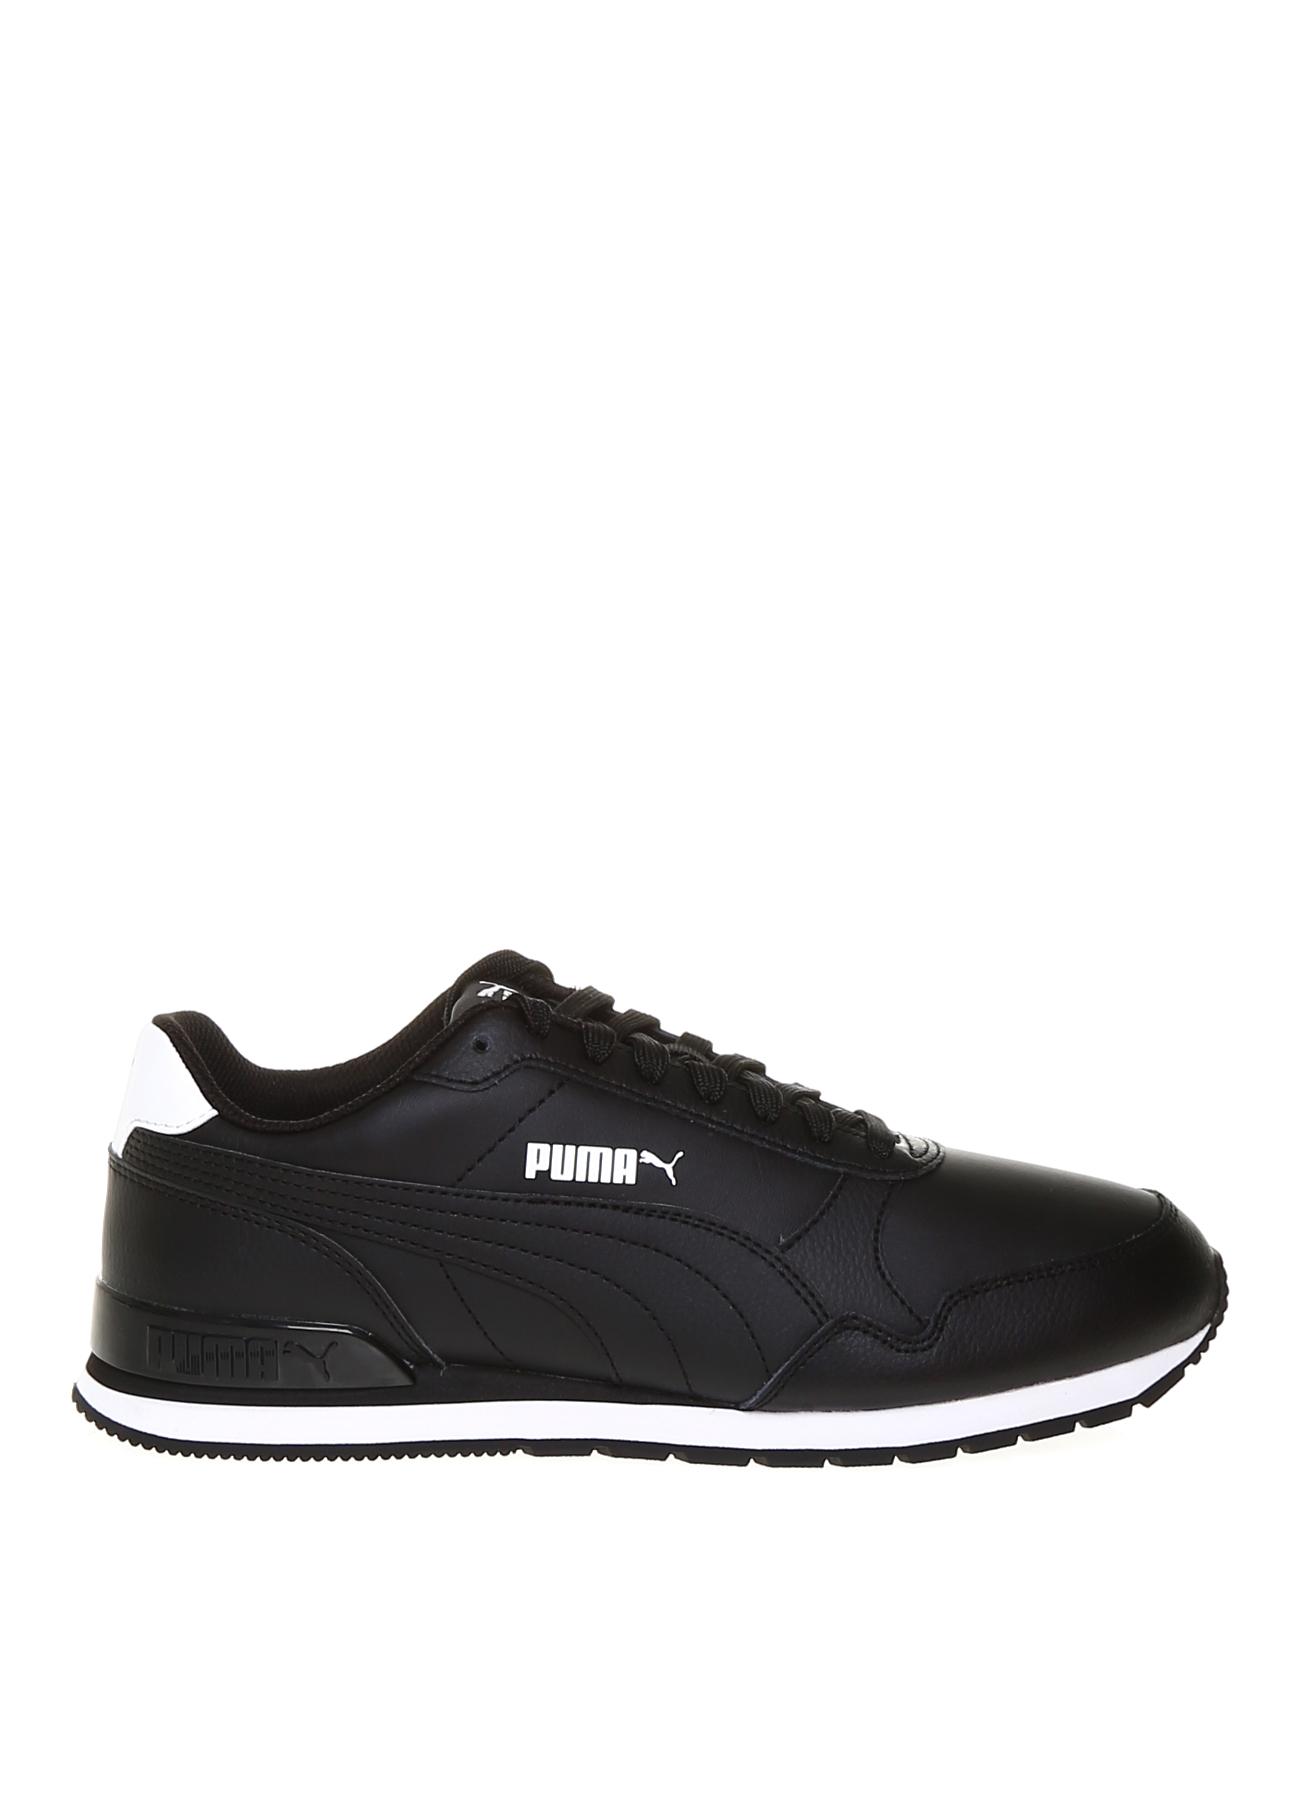 Puma ST Runner v2 Full L Lifestyle Ayakkabı 41 5000430622009 Ürün Resmi